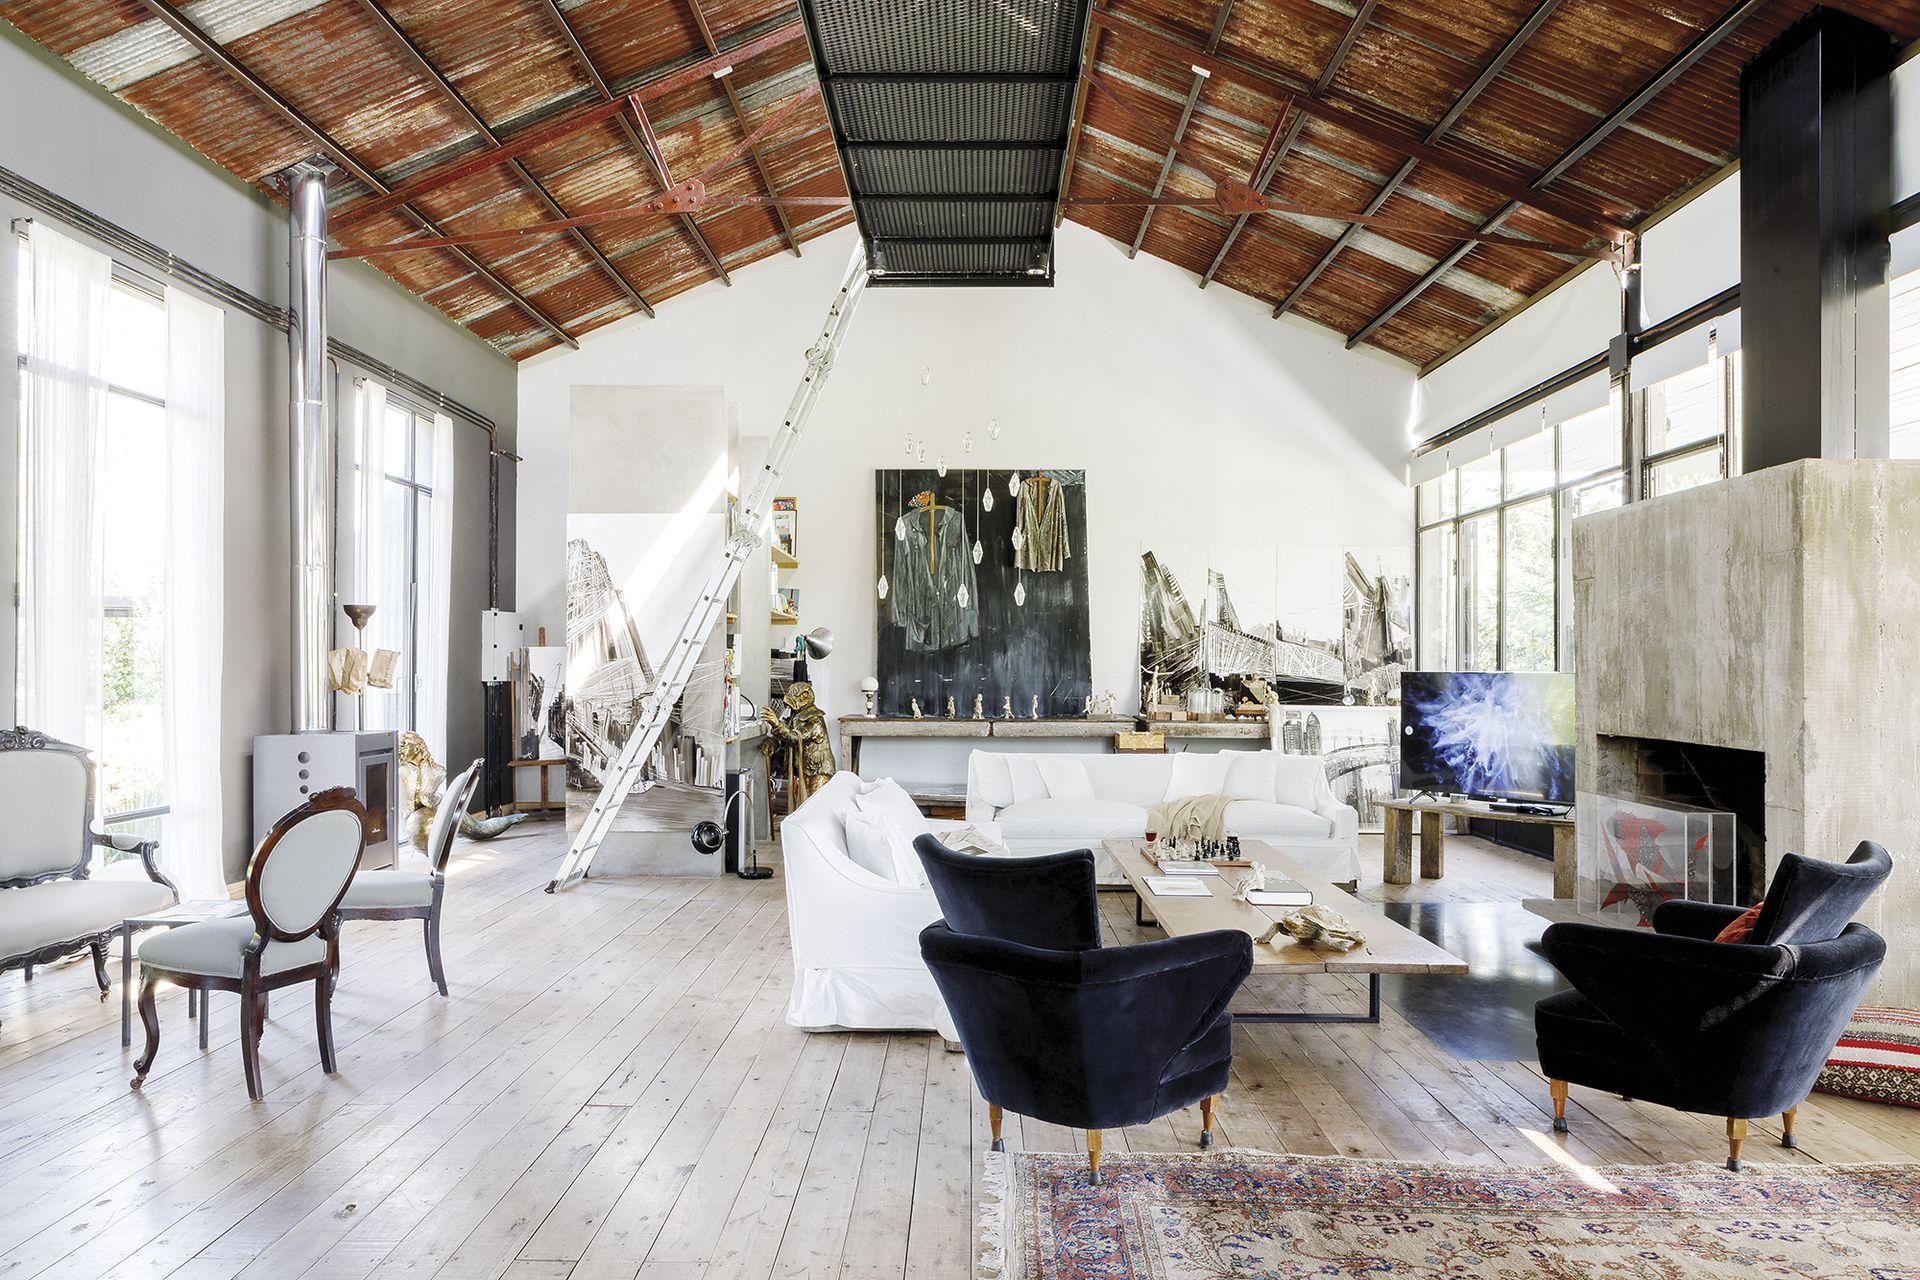 El living se equipó con sillones heredados con fundas y manta (Lote Propio) y una mesa ratona vintage.